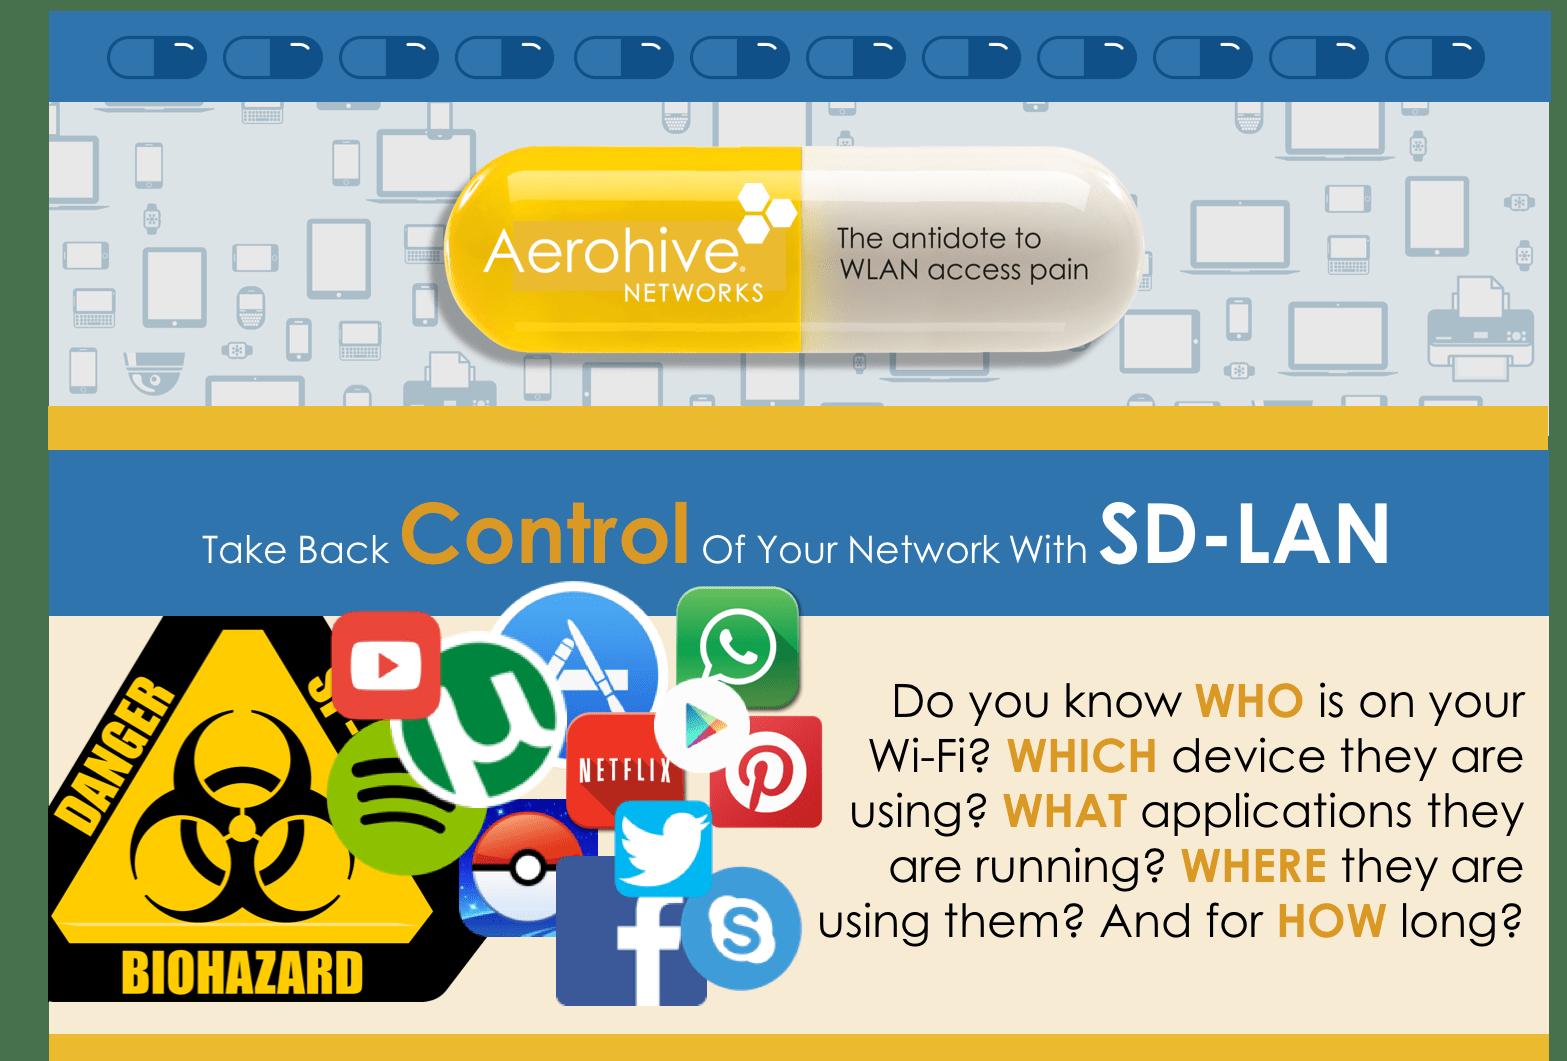 SD LAN - Aerohive